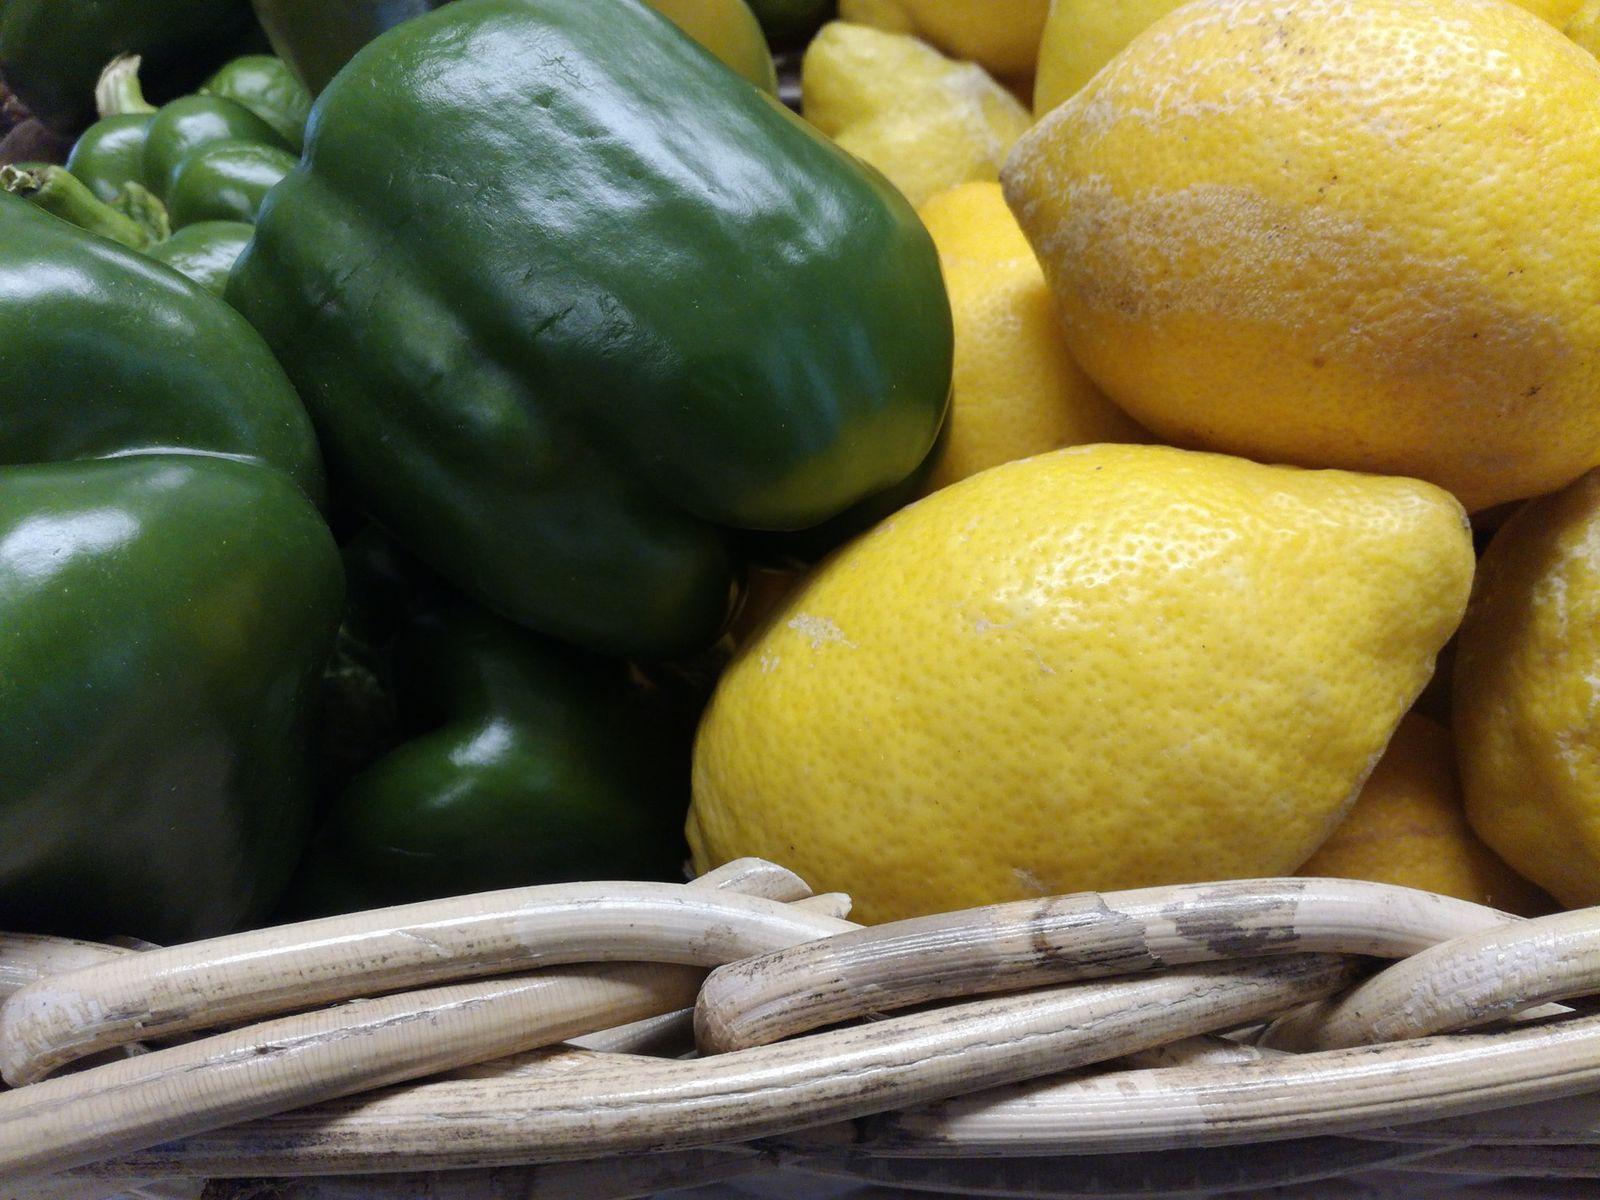 """Καθημερινά φρέσκα φρούτα και λαχανικά, στο """"μποστάνι"""" μας, για να δώσουν γεύση και χρώμα στις σαλάτες και τα φαγητά σας. Οι συμβουλές του Φίλιππου, βοηθούν και εμπνέουν για να φτιάξετε μια πιο πειραγμένη σαλάτα. Δοκιμάστε μας. #grocerystore #freshfruit #buylocal #supportgreekproducers #buygreek #keiriadwn24 #psomotiri #petralona #eathealthy #salad #eatfreshsalad"""